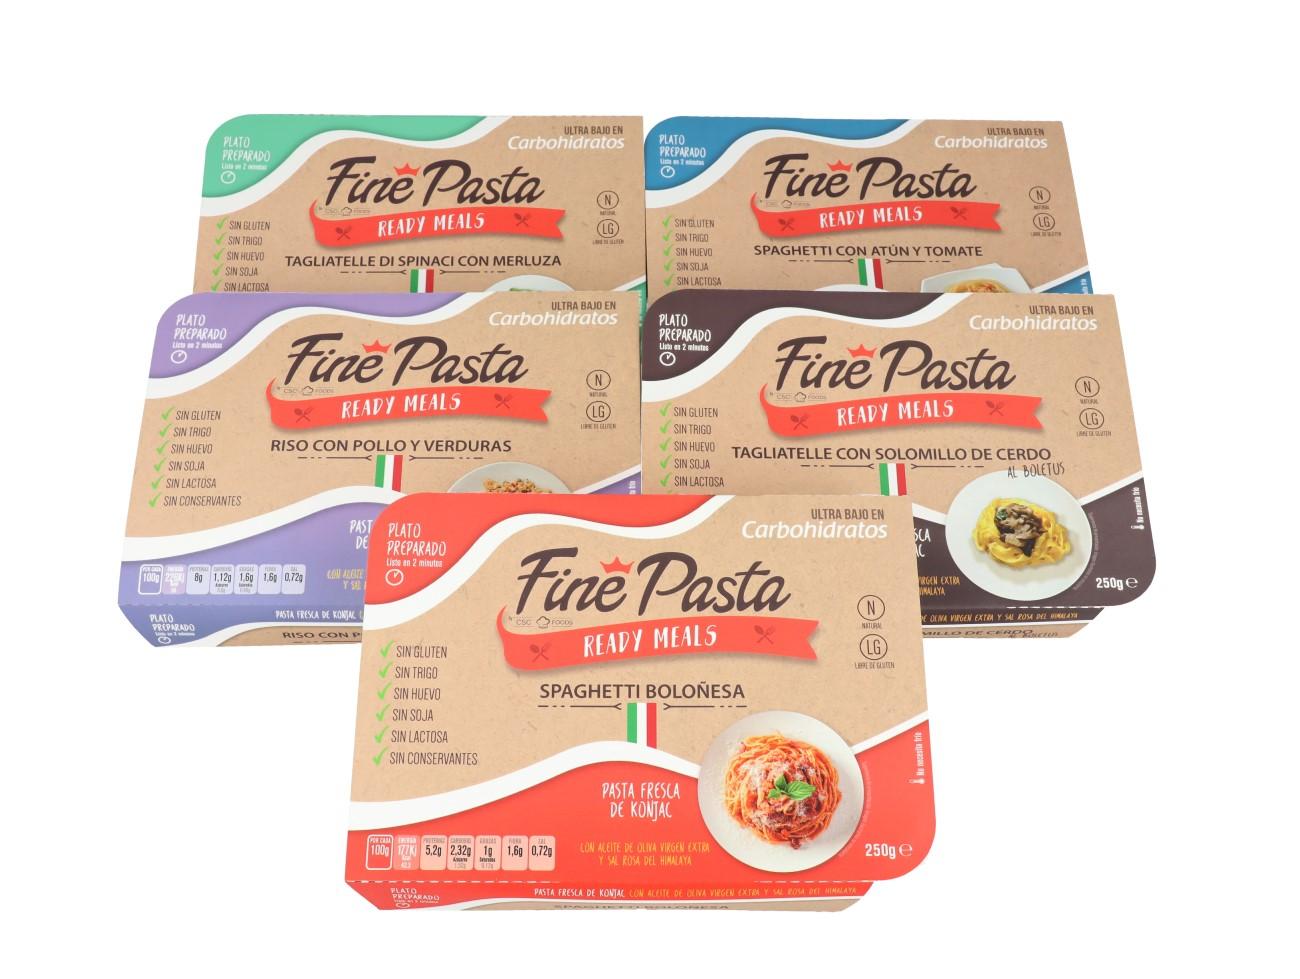 Gama de productos Fine Pasta